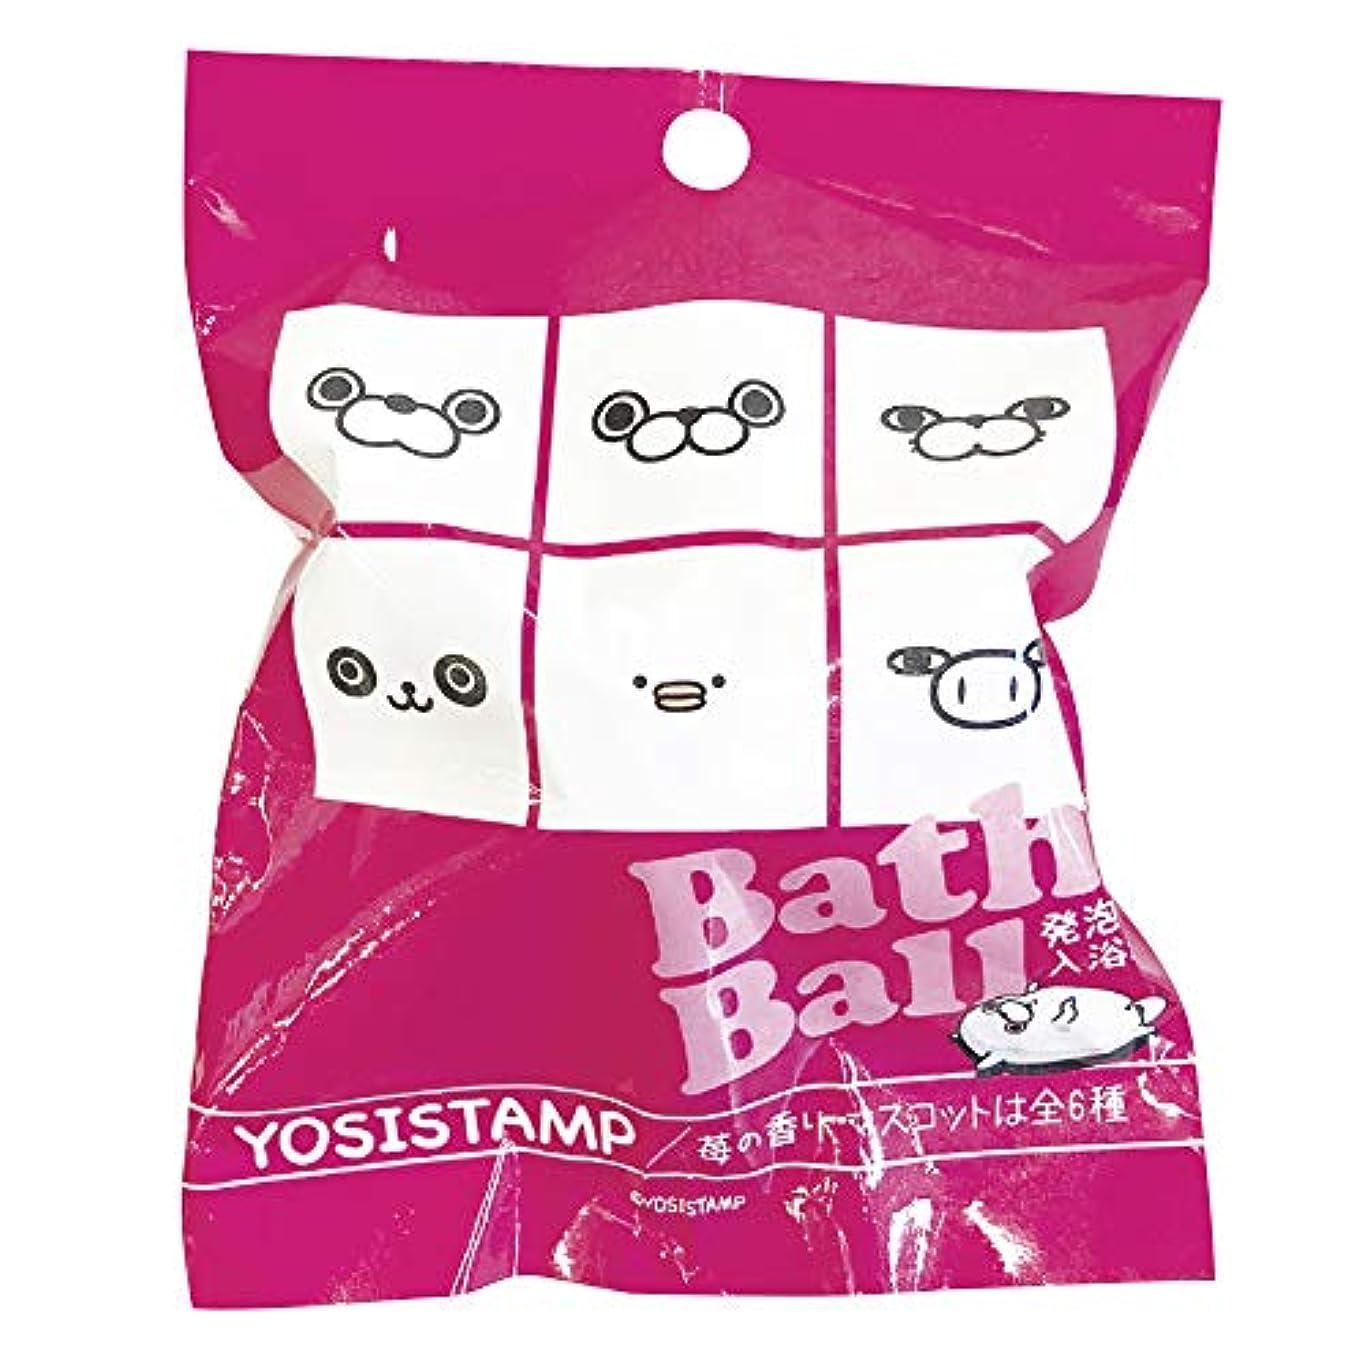 困った肺炎心理的にヨッシースタンプ 入浴剤 バスボール おまけ付き イチゴの香り ABD-004-002